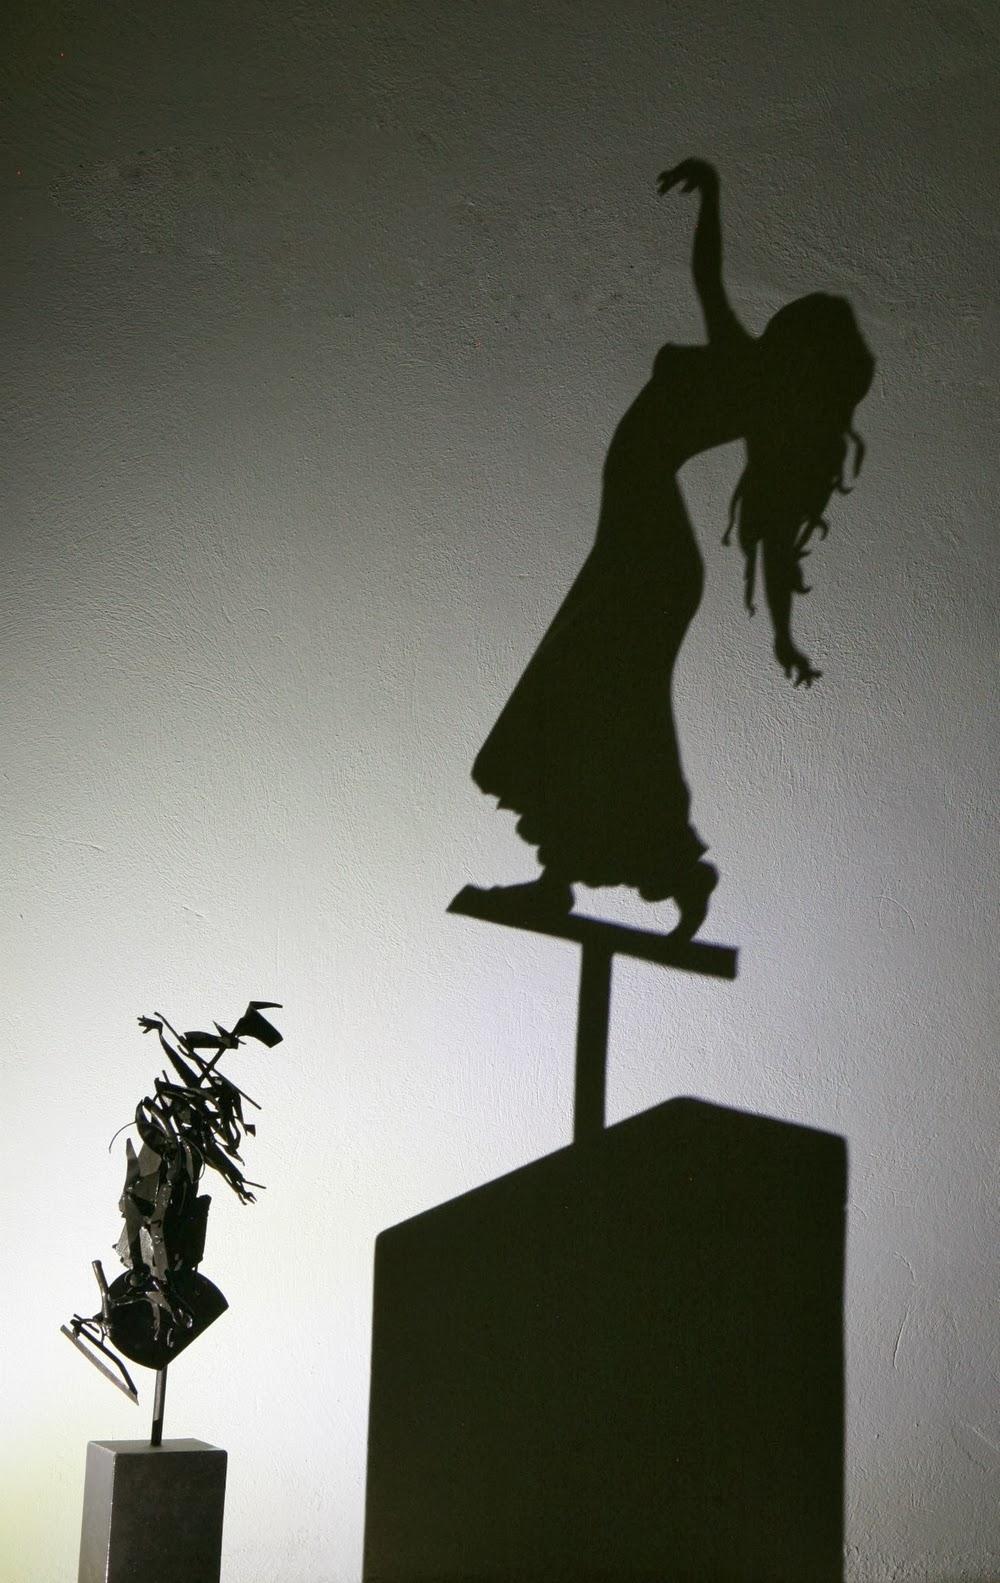 02-Esméralda-The-Hunchback-of-Notre-Dame-Teodosio-Sectio-Aurea-Shadow-Art-www-designstack-co